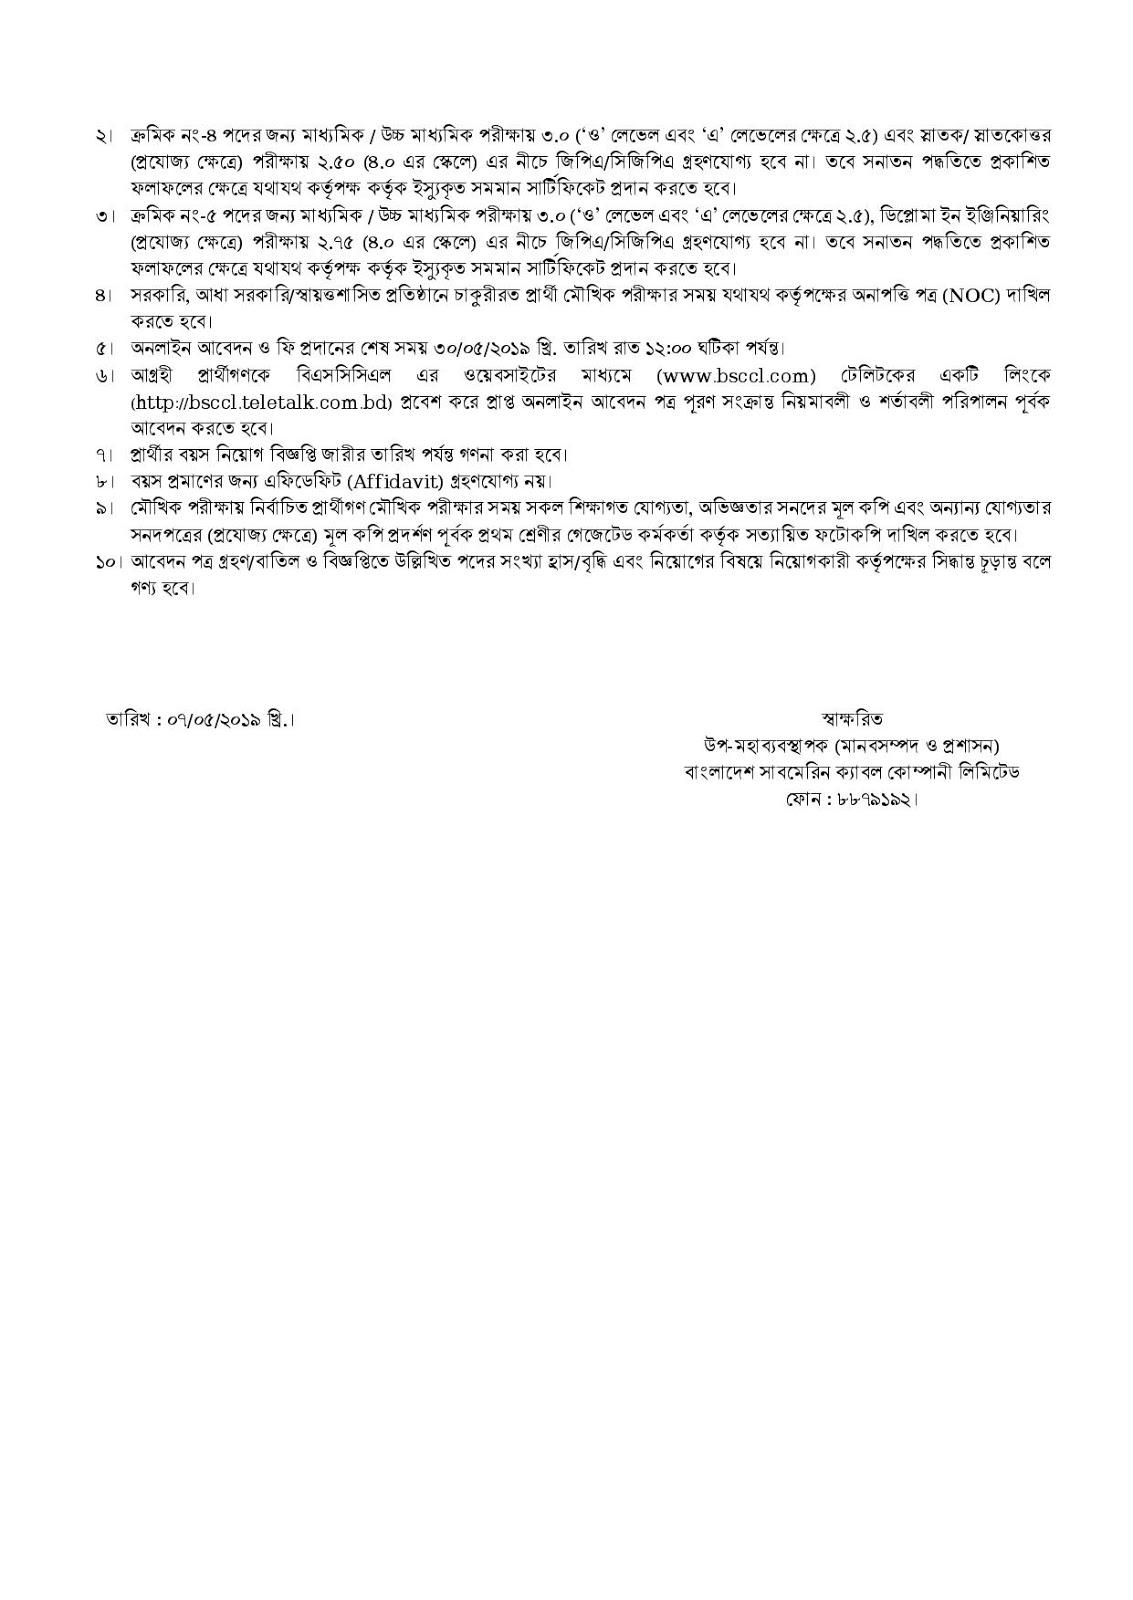 বাংলাদেশ সাবমেরিন ক্যাবল কোম্পানি লিমিটেড এর চাকরির নিয়োগ প্রকাশ